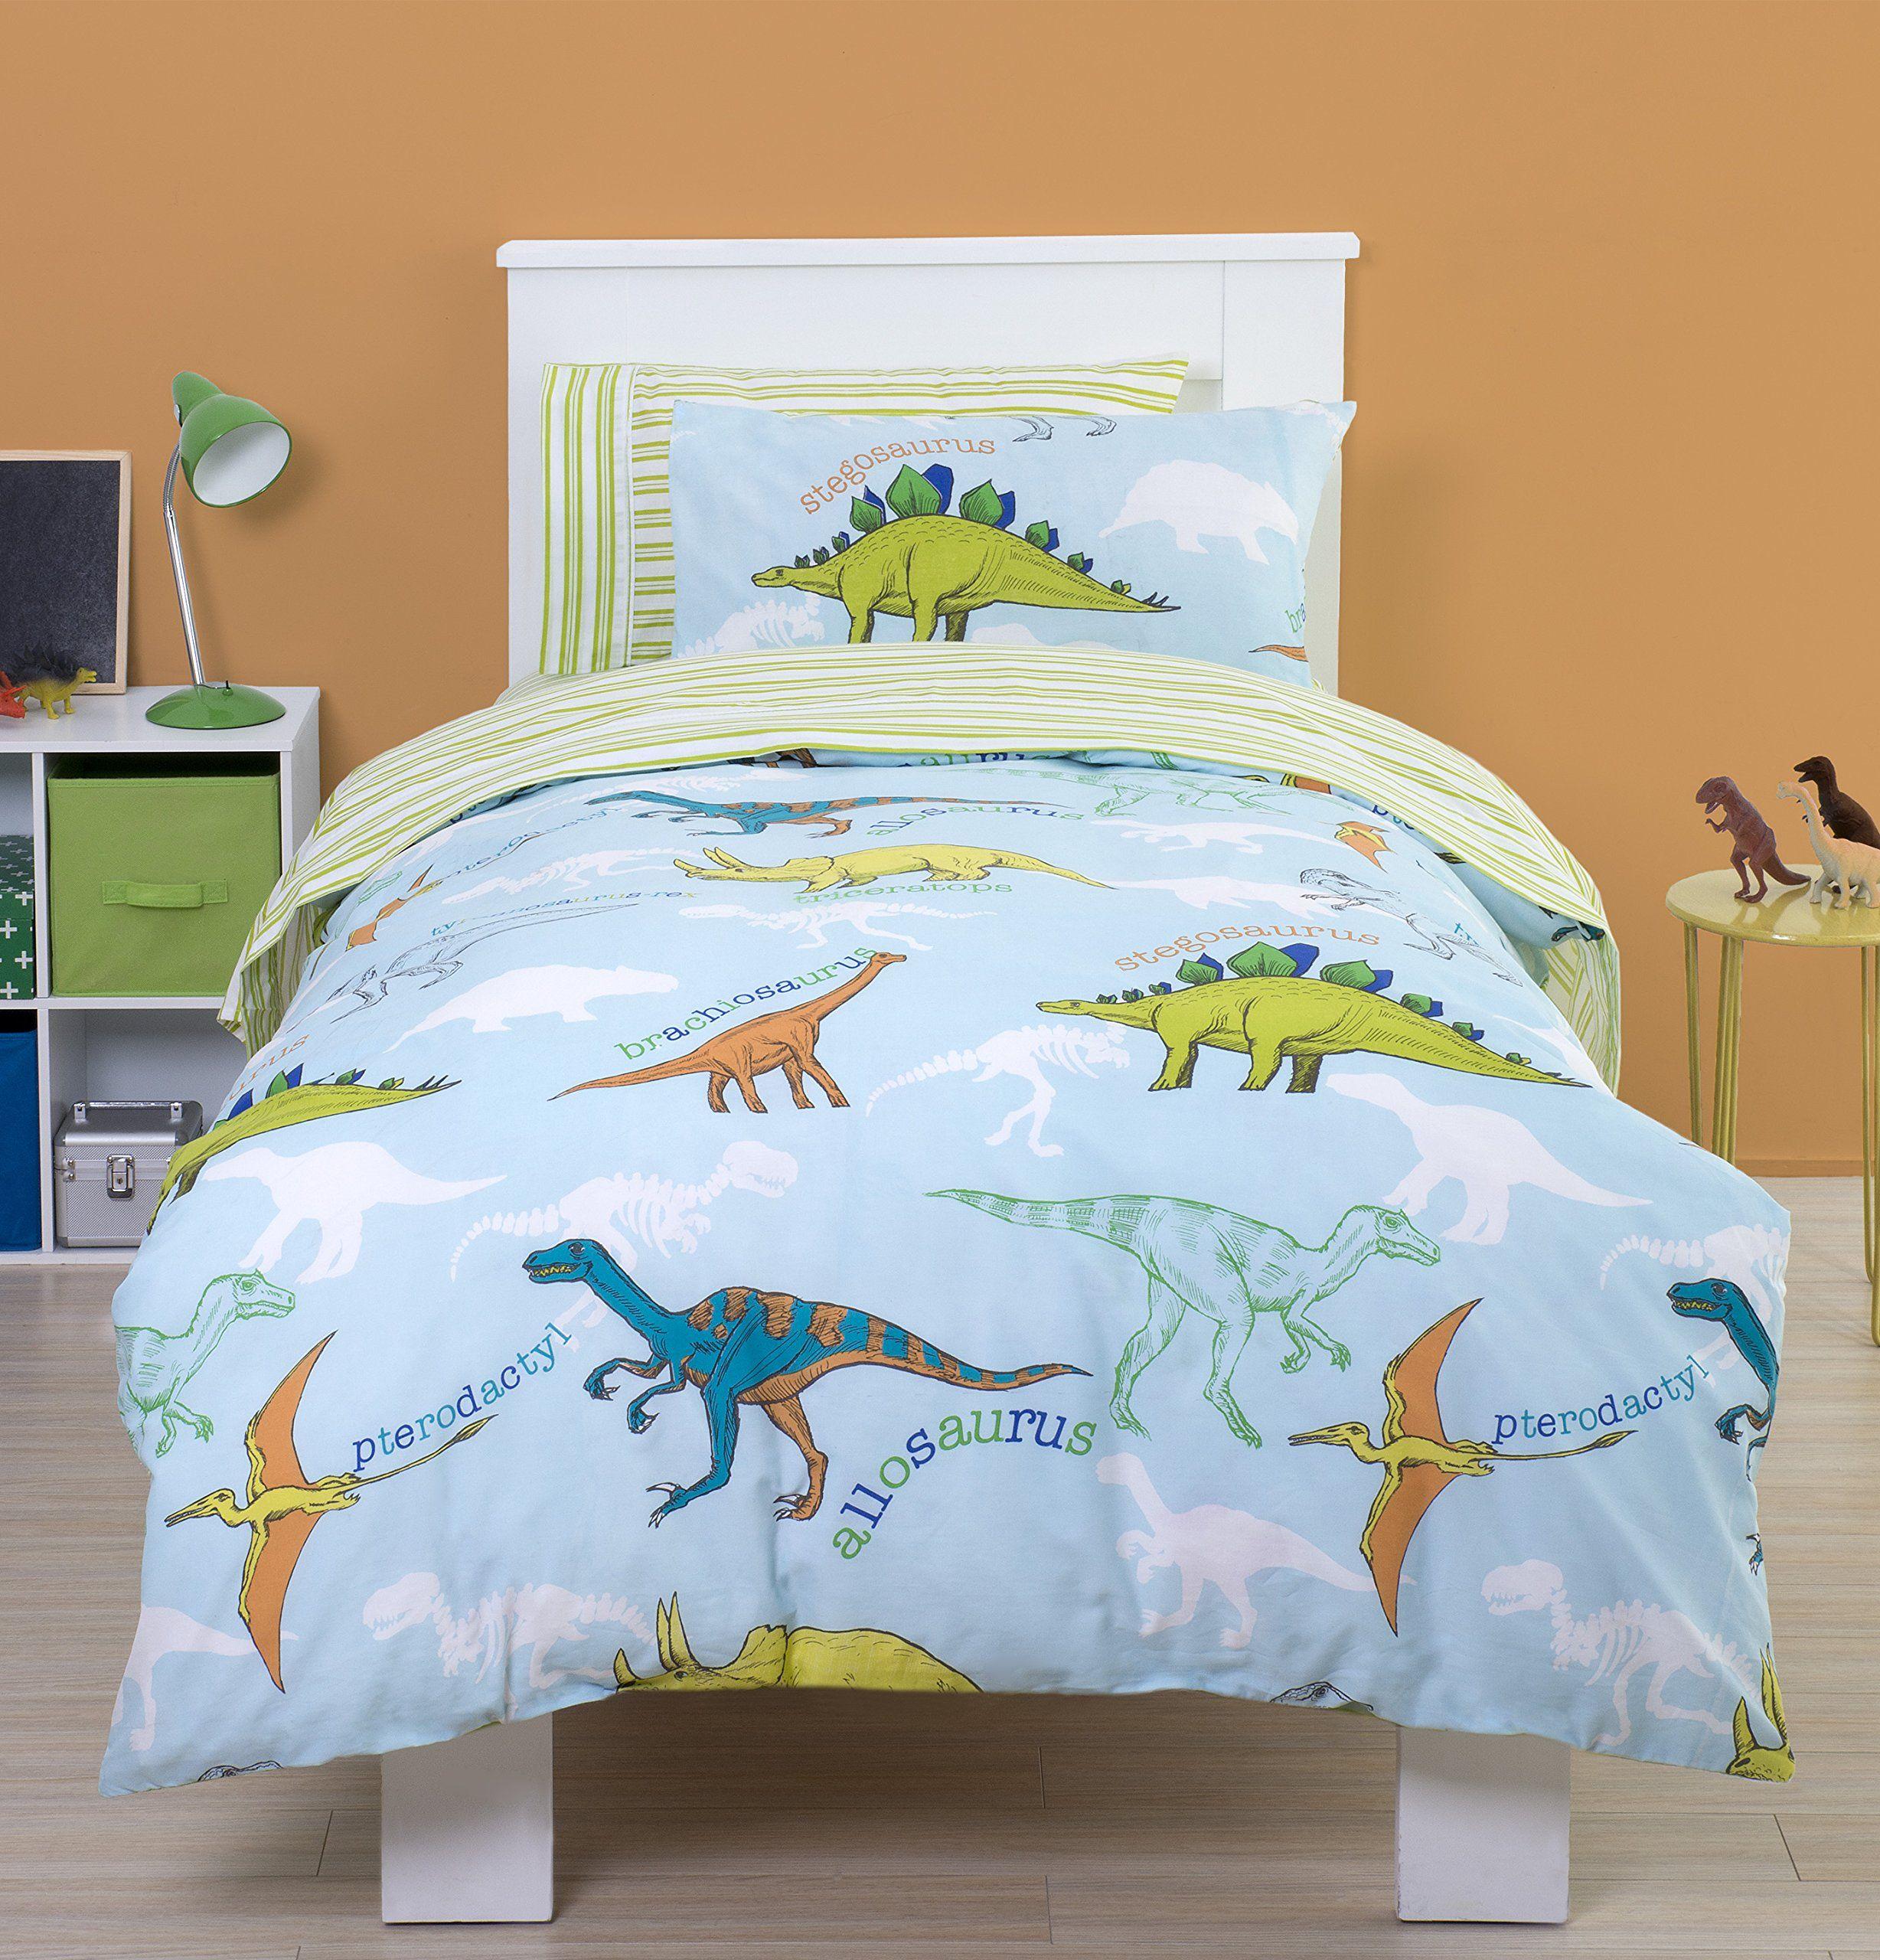 Dinosaur Childrens Single Duvet Set Also Available For Toddler Cotbed Roar